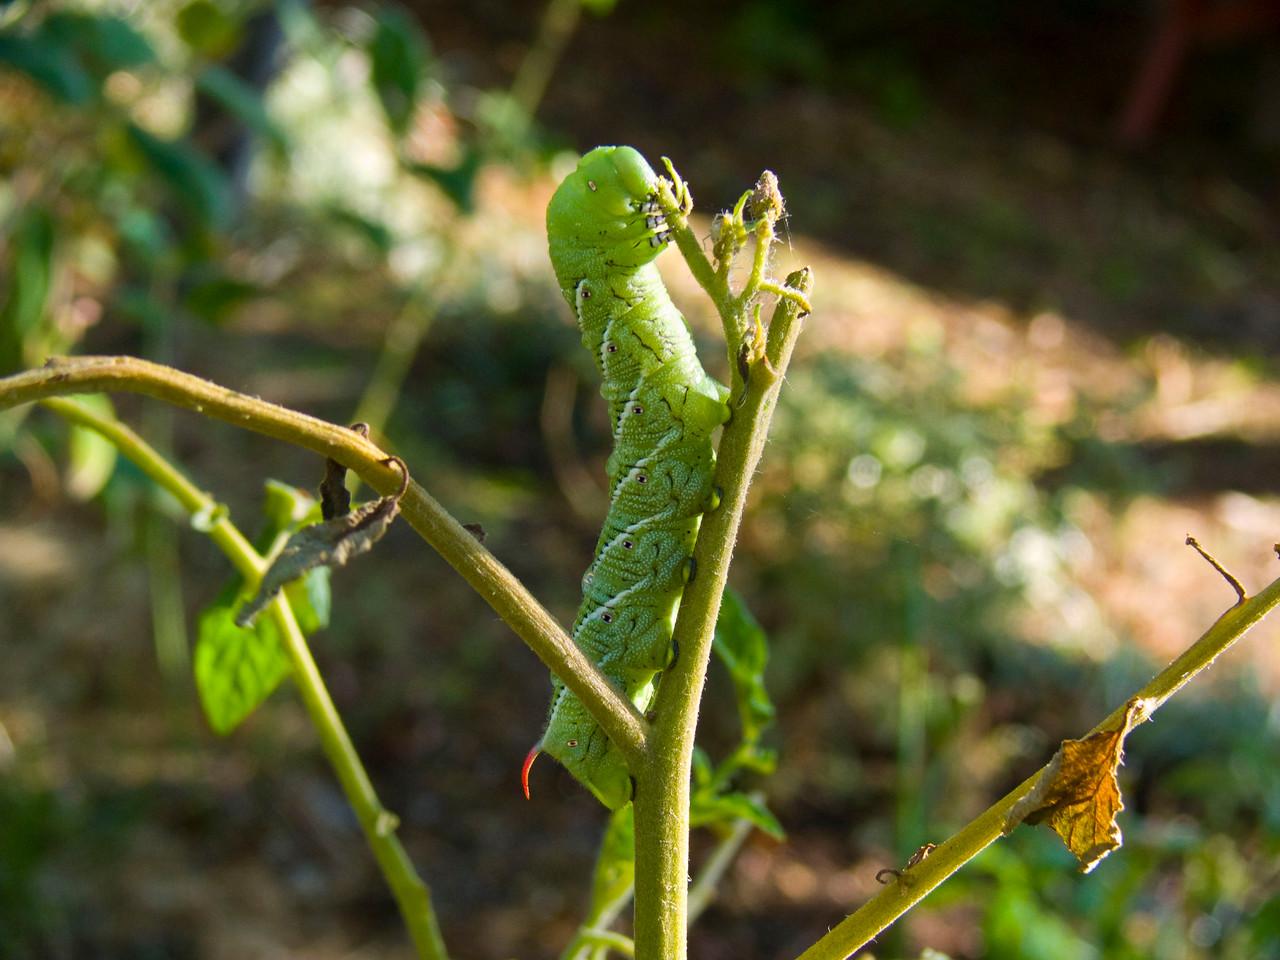 147 Tomato hornworm